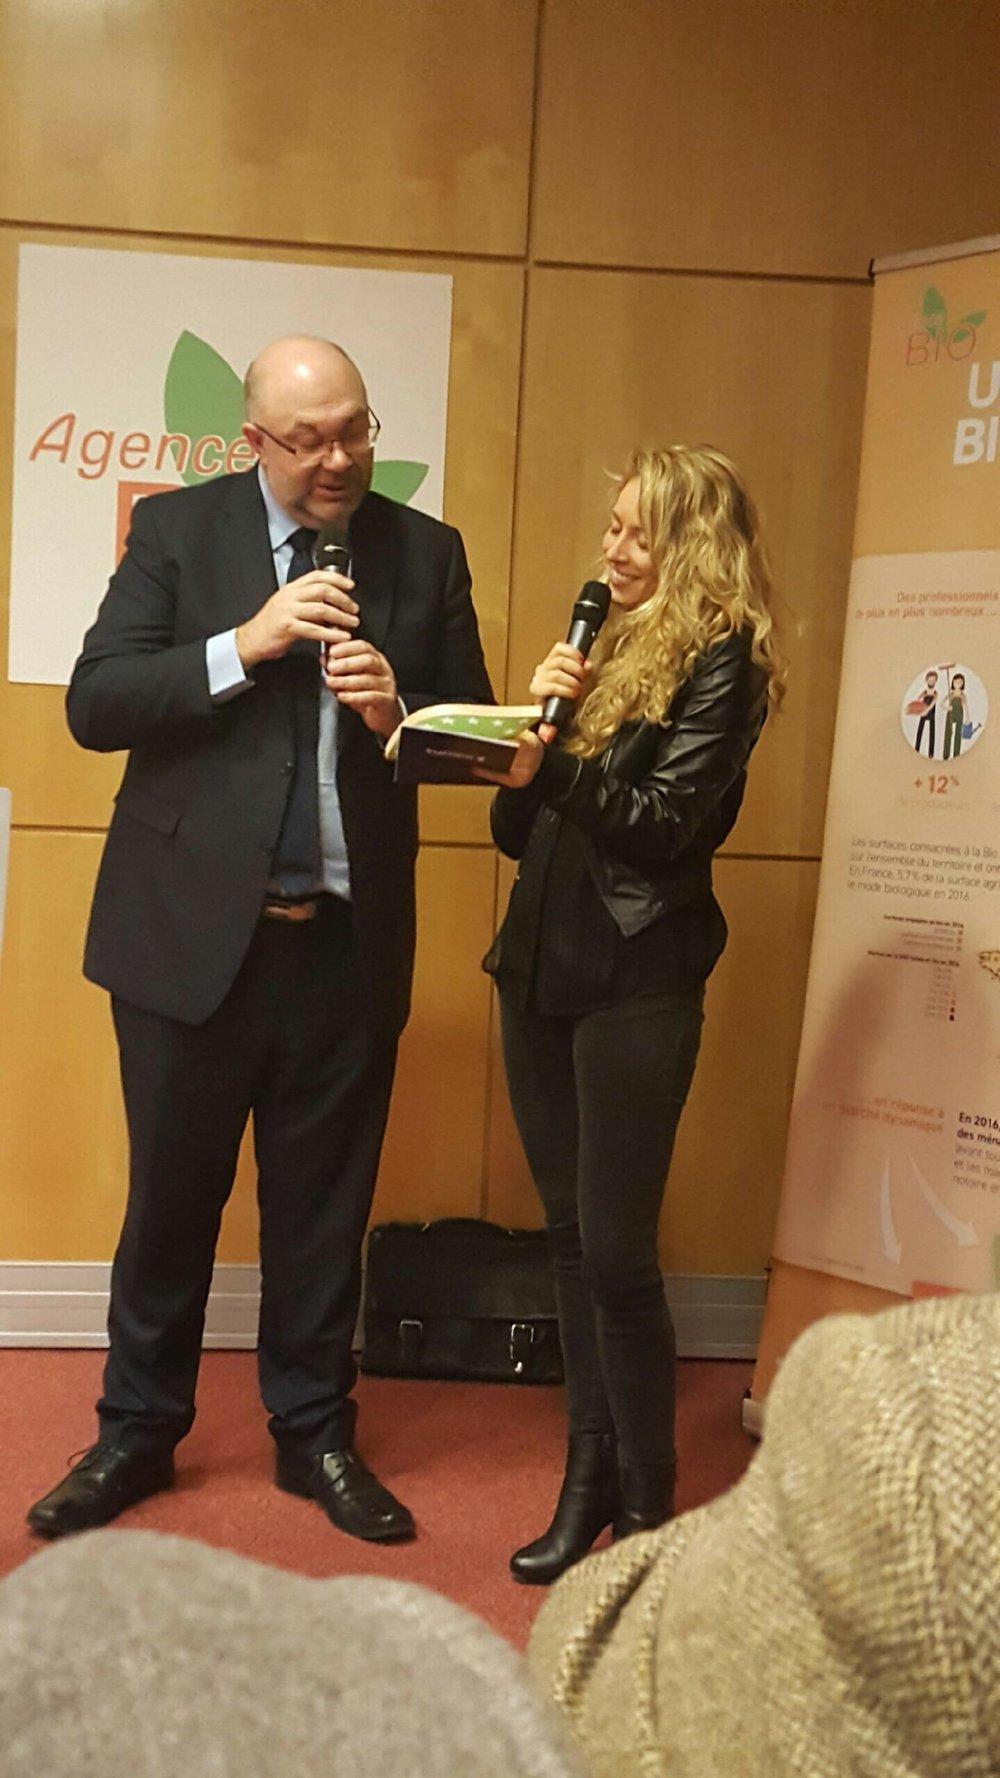 remise des trophées avec le Ministre de l'agriculture et de l'alimentation Stéphane Travert